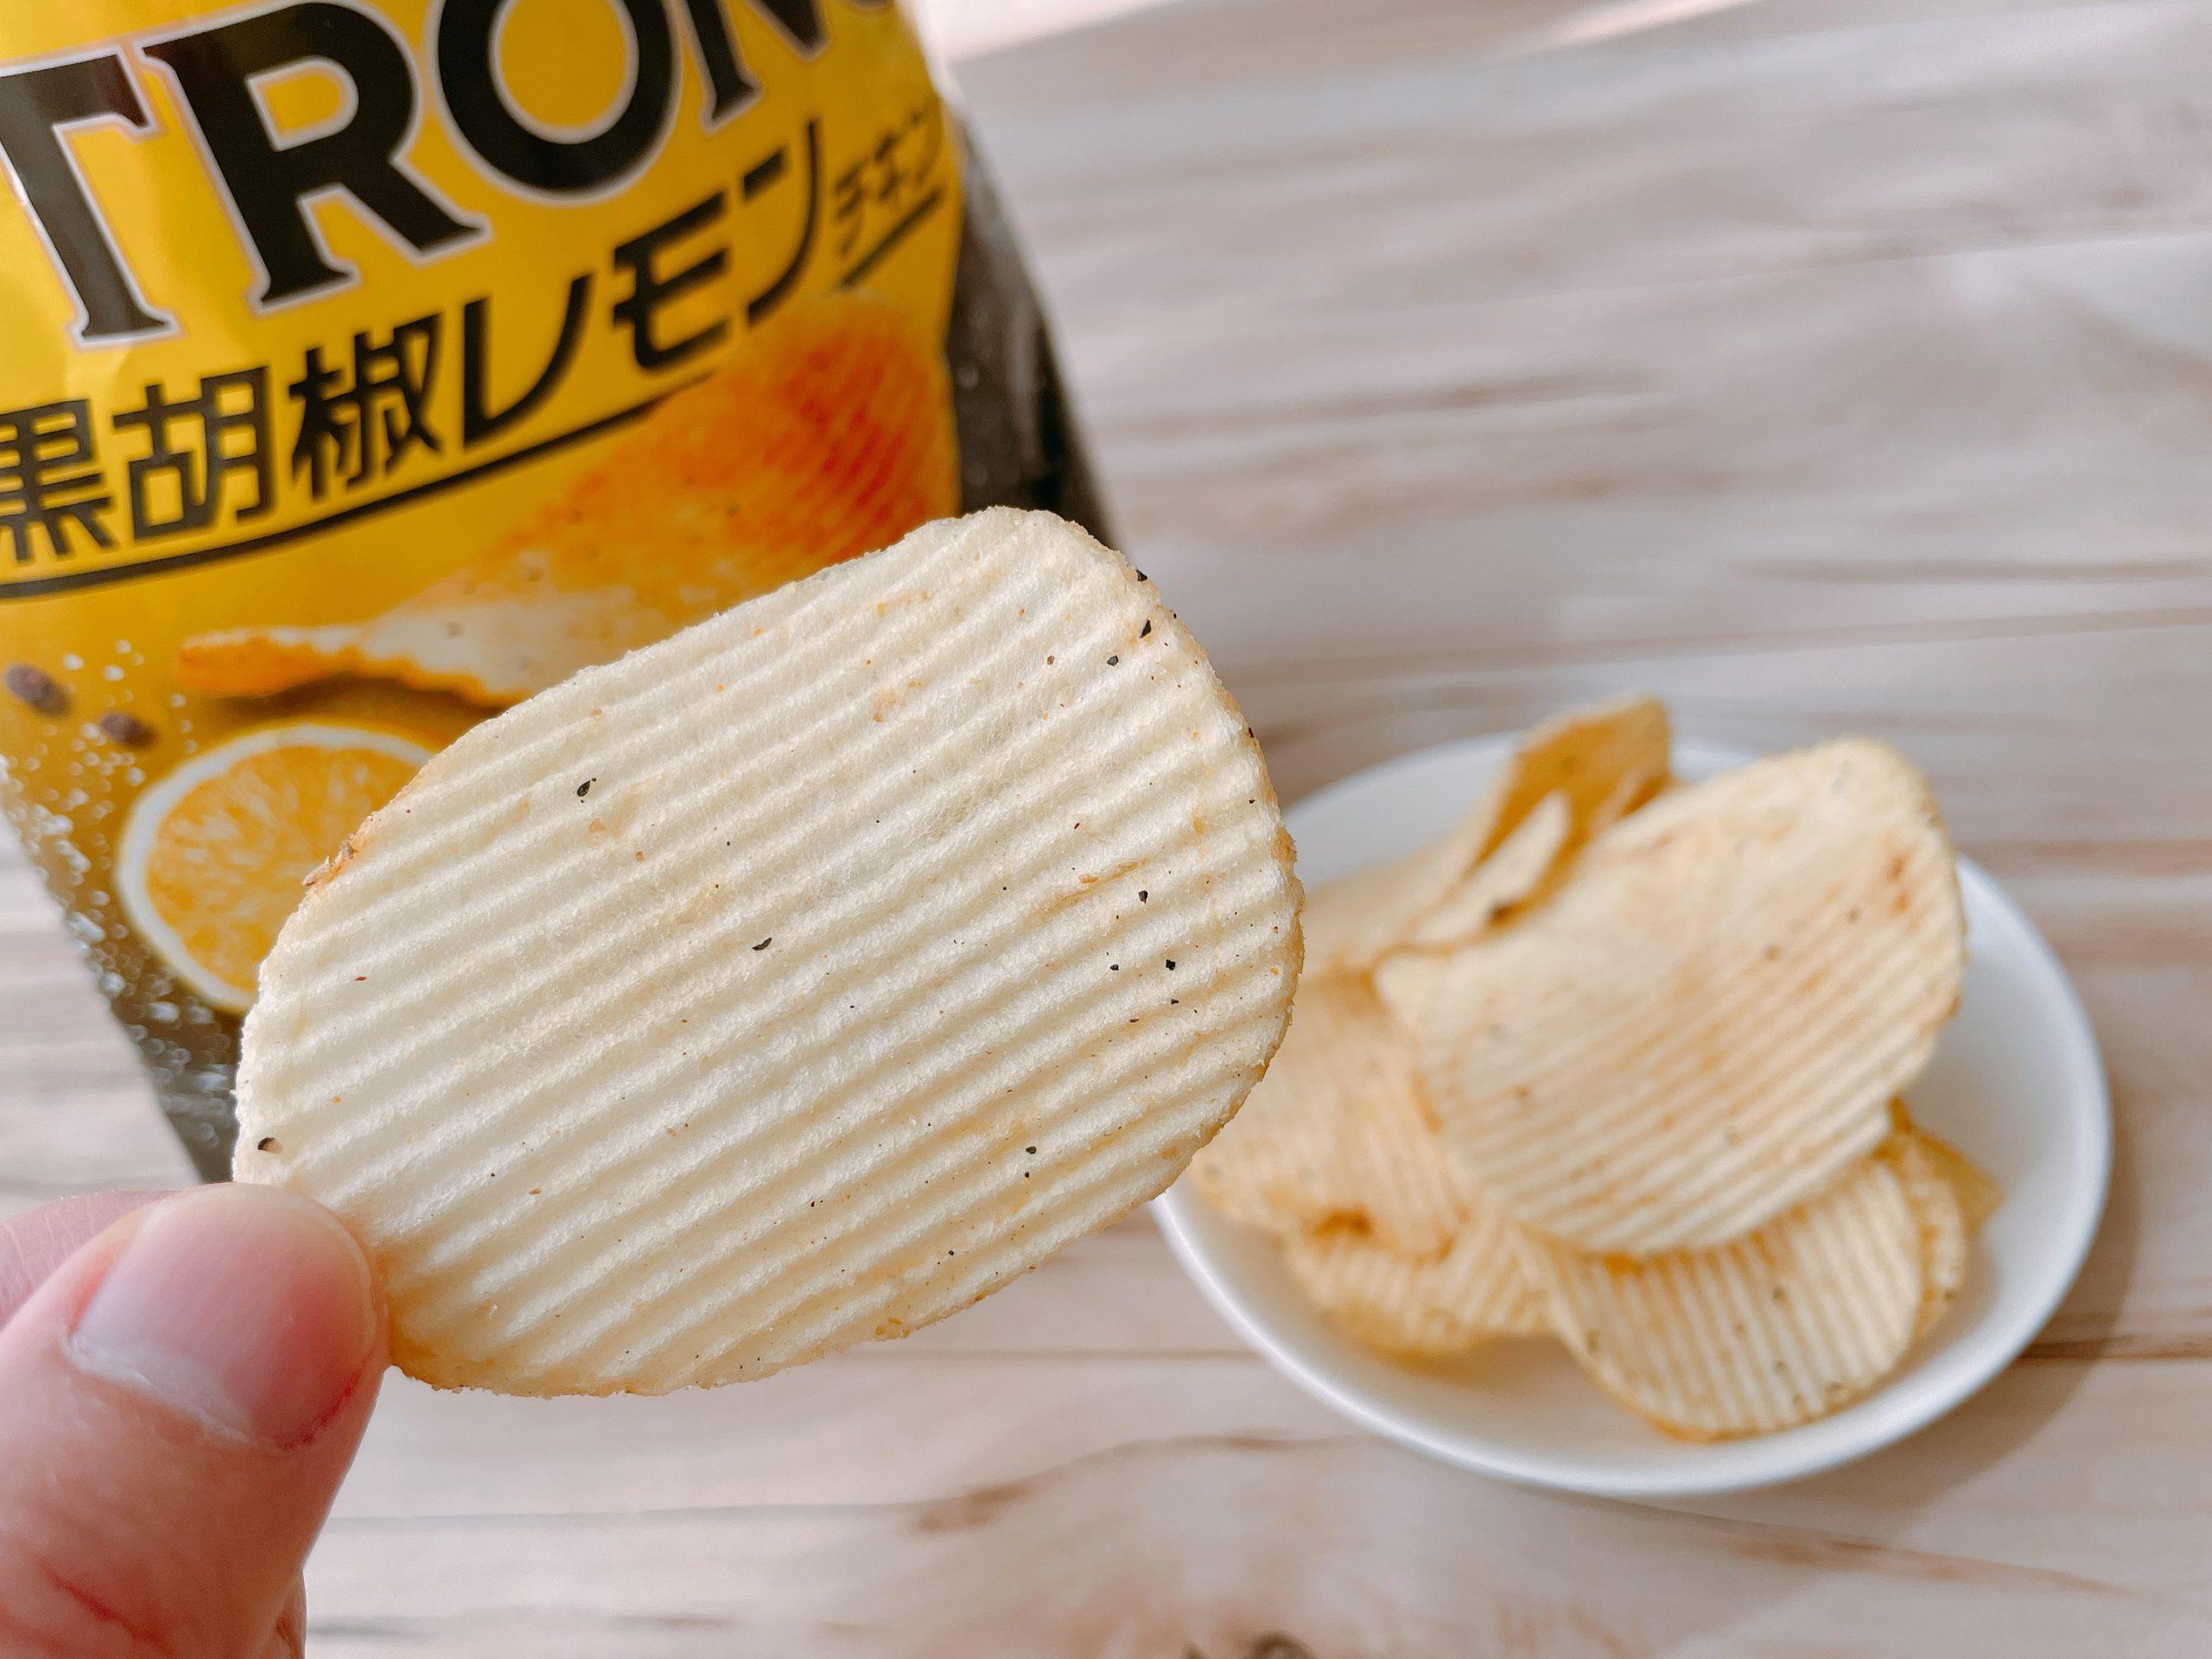 ストロング黒胡椒レモンチキンは、レモンの香りが一気に鼻に抜ける